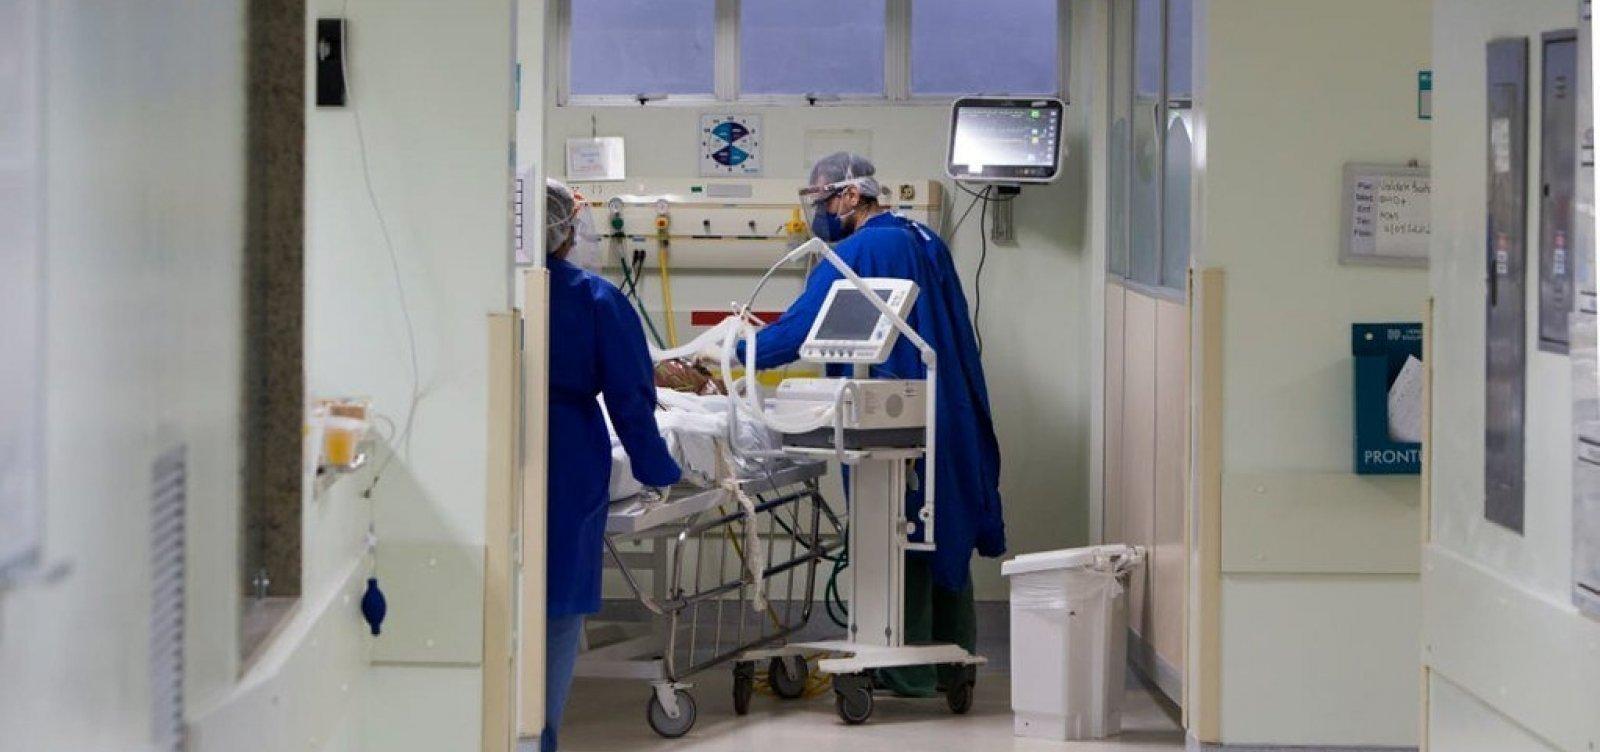 Covid-19: Salvador registra 325 casos e 17 mortes pela doença em 24 horas